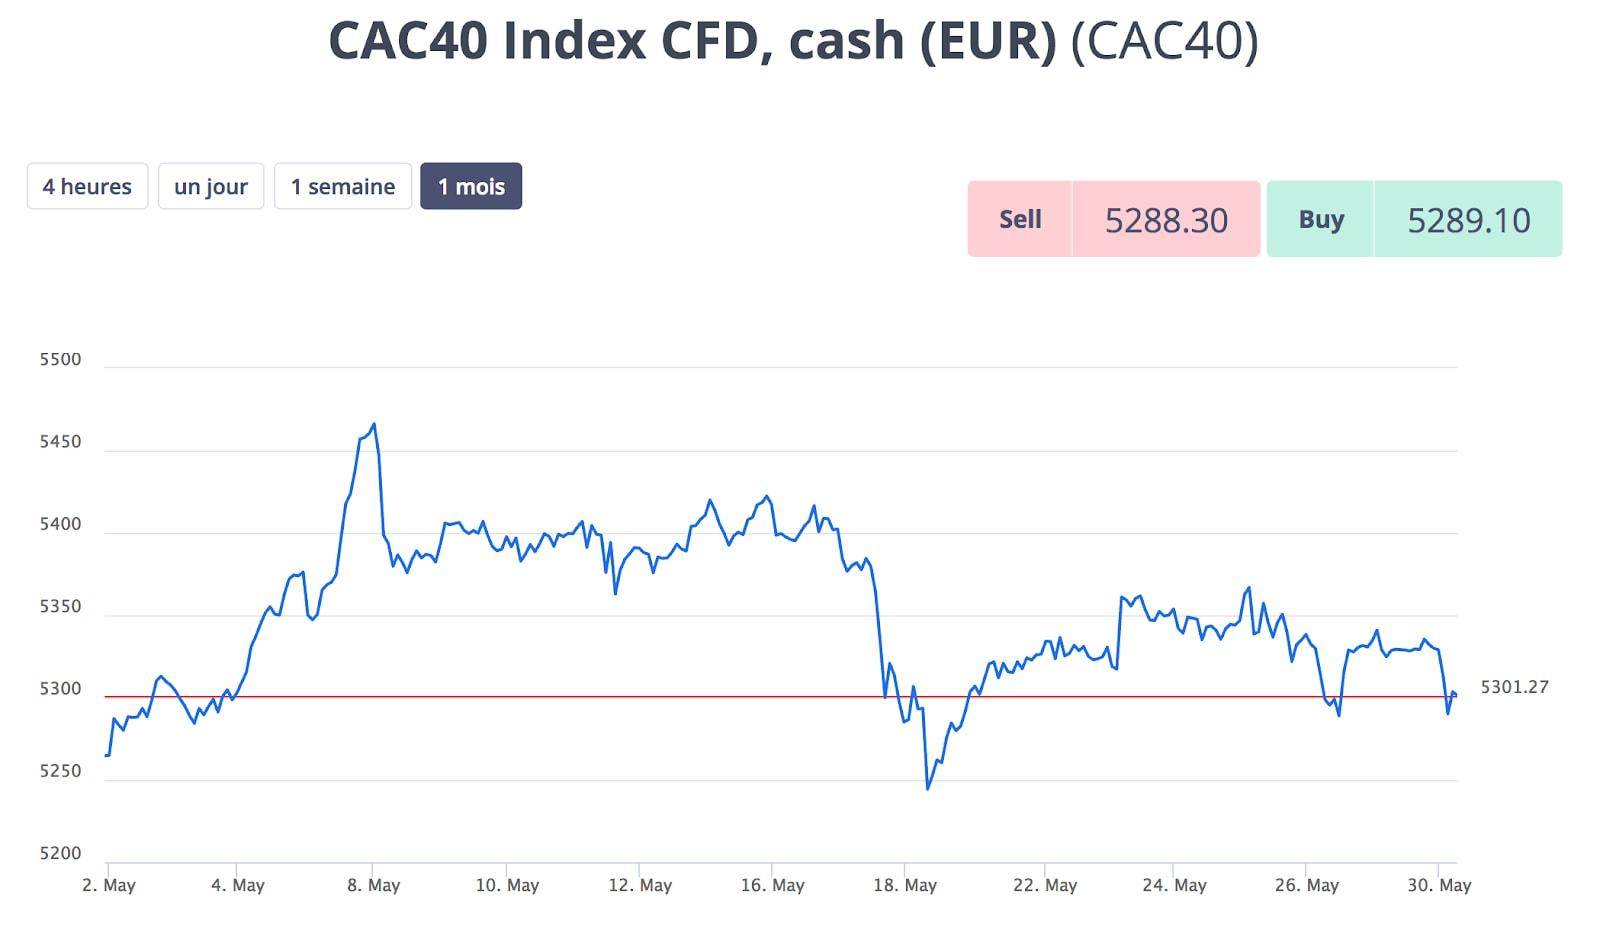 Gráfico do Índice CAC 40